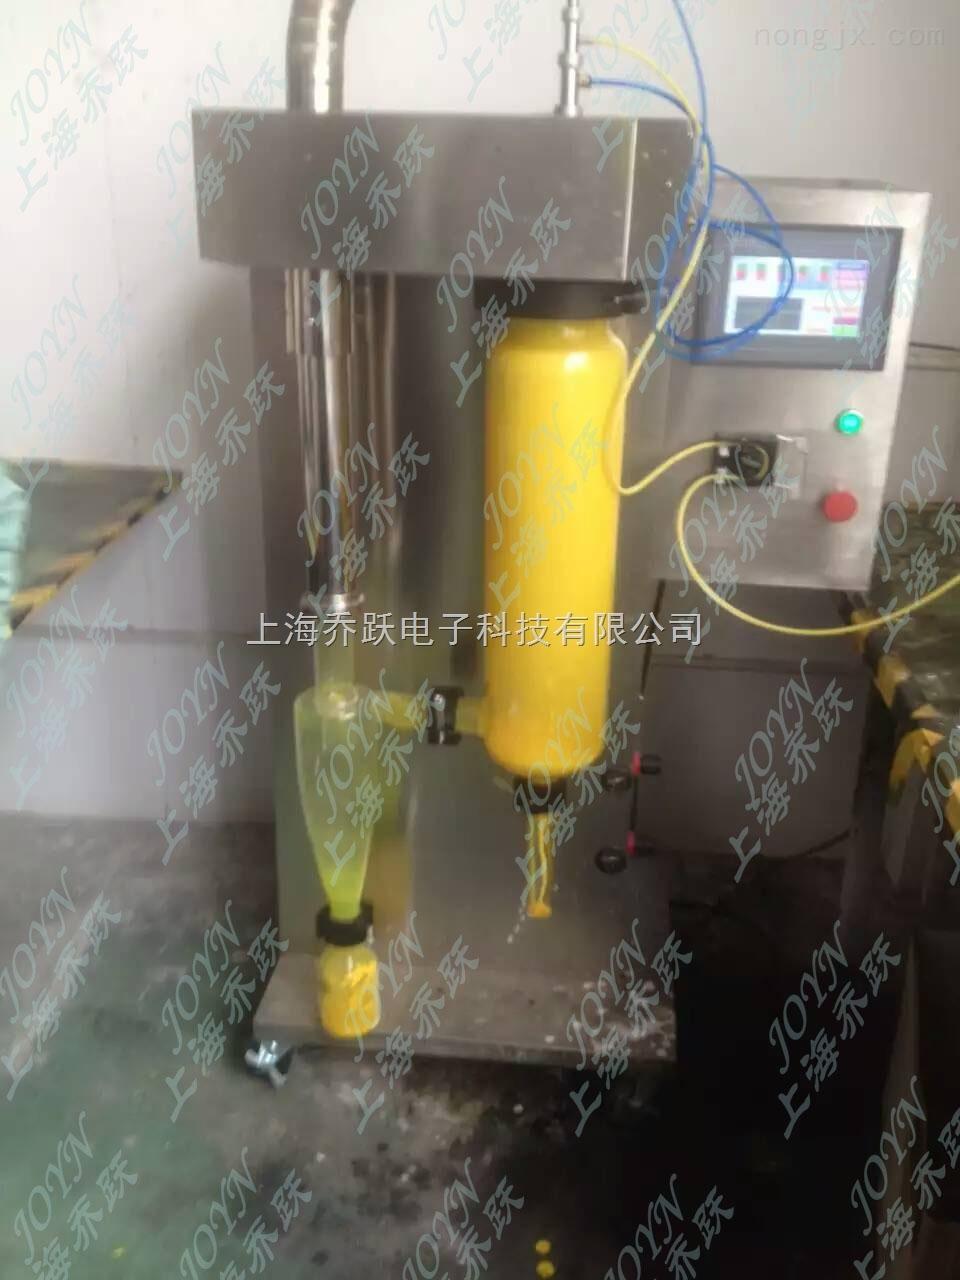 珠海乔跃品牌小型喷雾干燥机安装调试视频